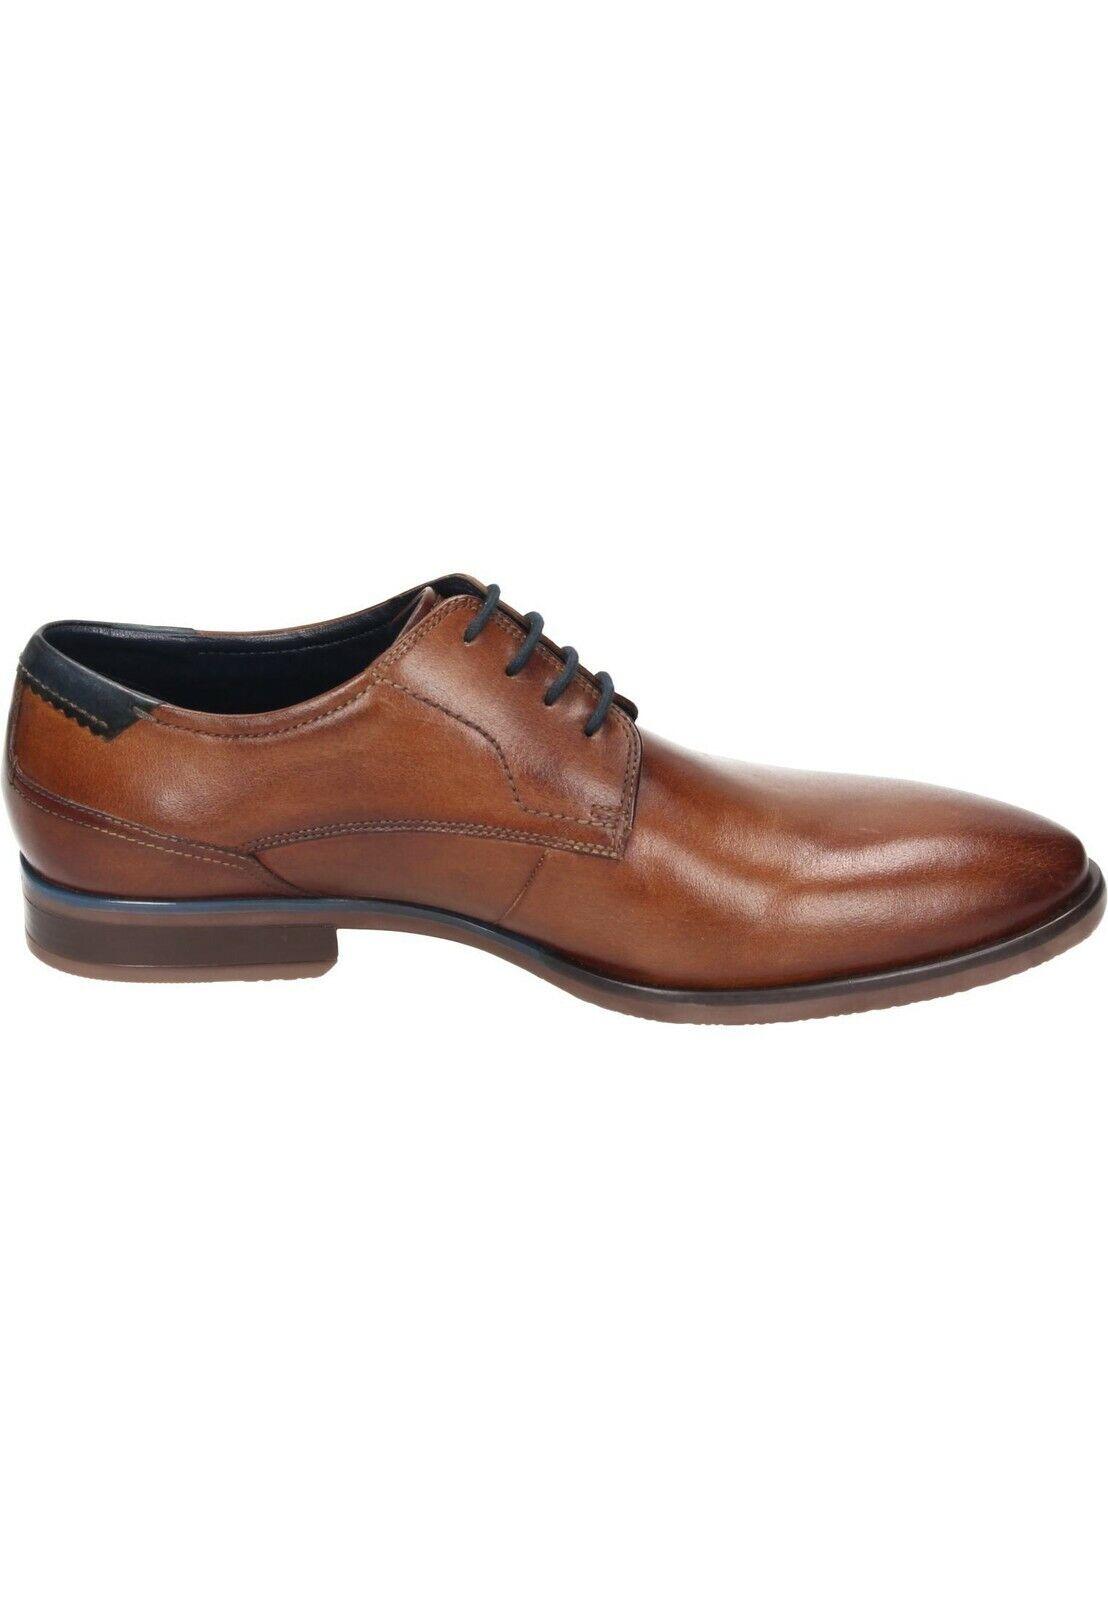 Bugatti 312-16701-2100-6300 Pelle normalissime scarpe basse Marroneee tg. 40-46 40-46 40-46 neu7 | Pacchetti Alla Moda E Attraente  | Gentiluomo/Signora Scarpa  8aa0bd